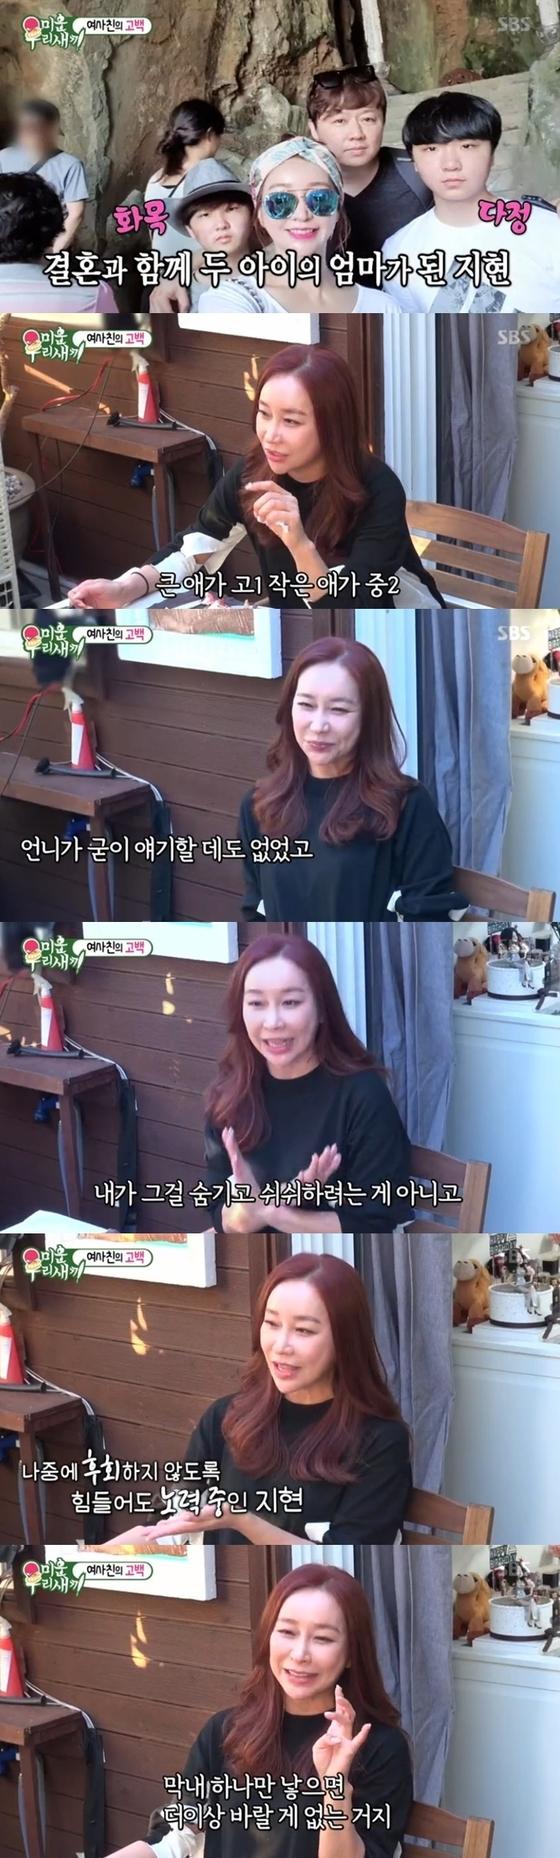 """[직격인터뷰] 김지현 """"두아들 상처받을까 걱정…상의 뒤 고백 결심, 감사"""""""